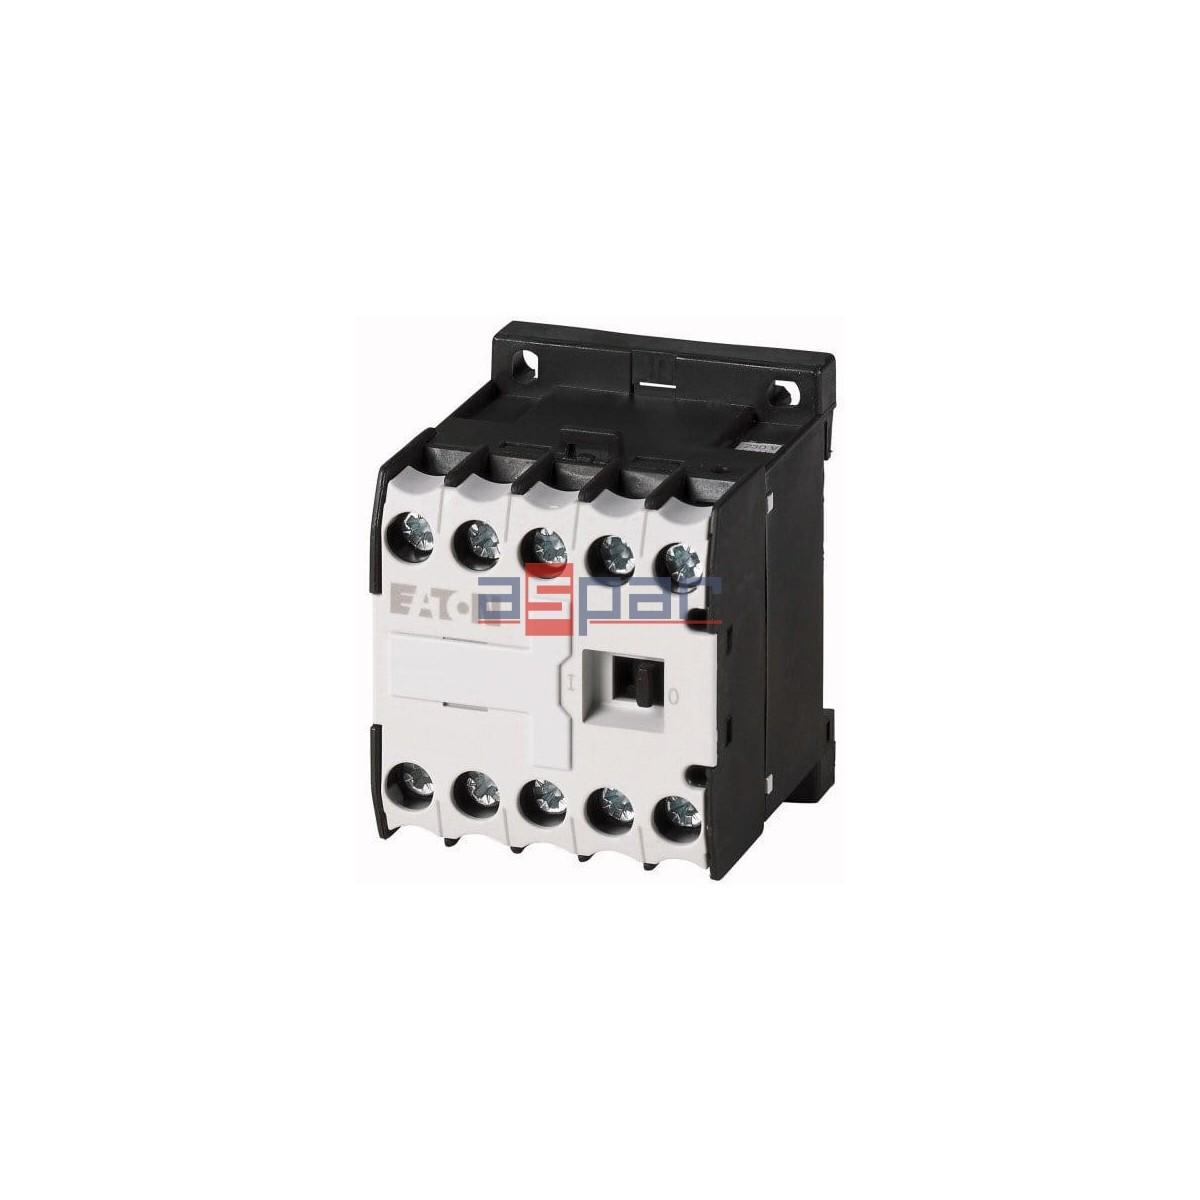 DILER-22-G(24VDC), 010042, stycznik pomocniczy, 3A, 2NO+2NC, 24VDC